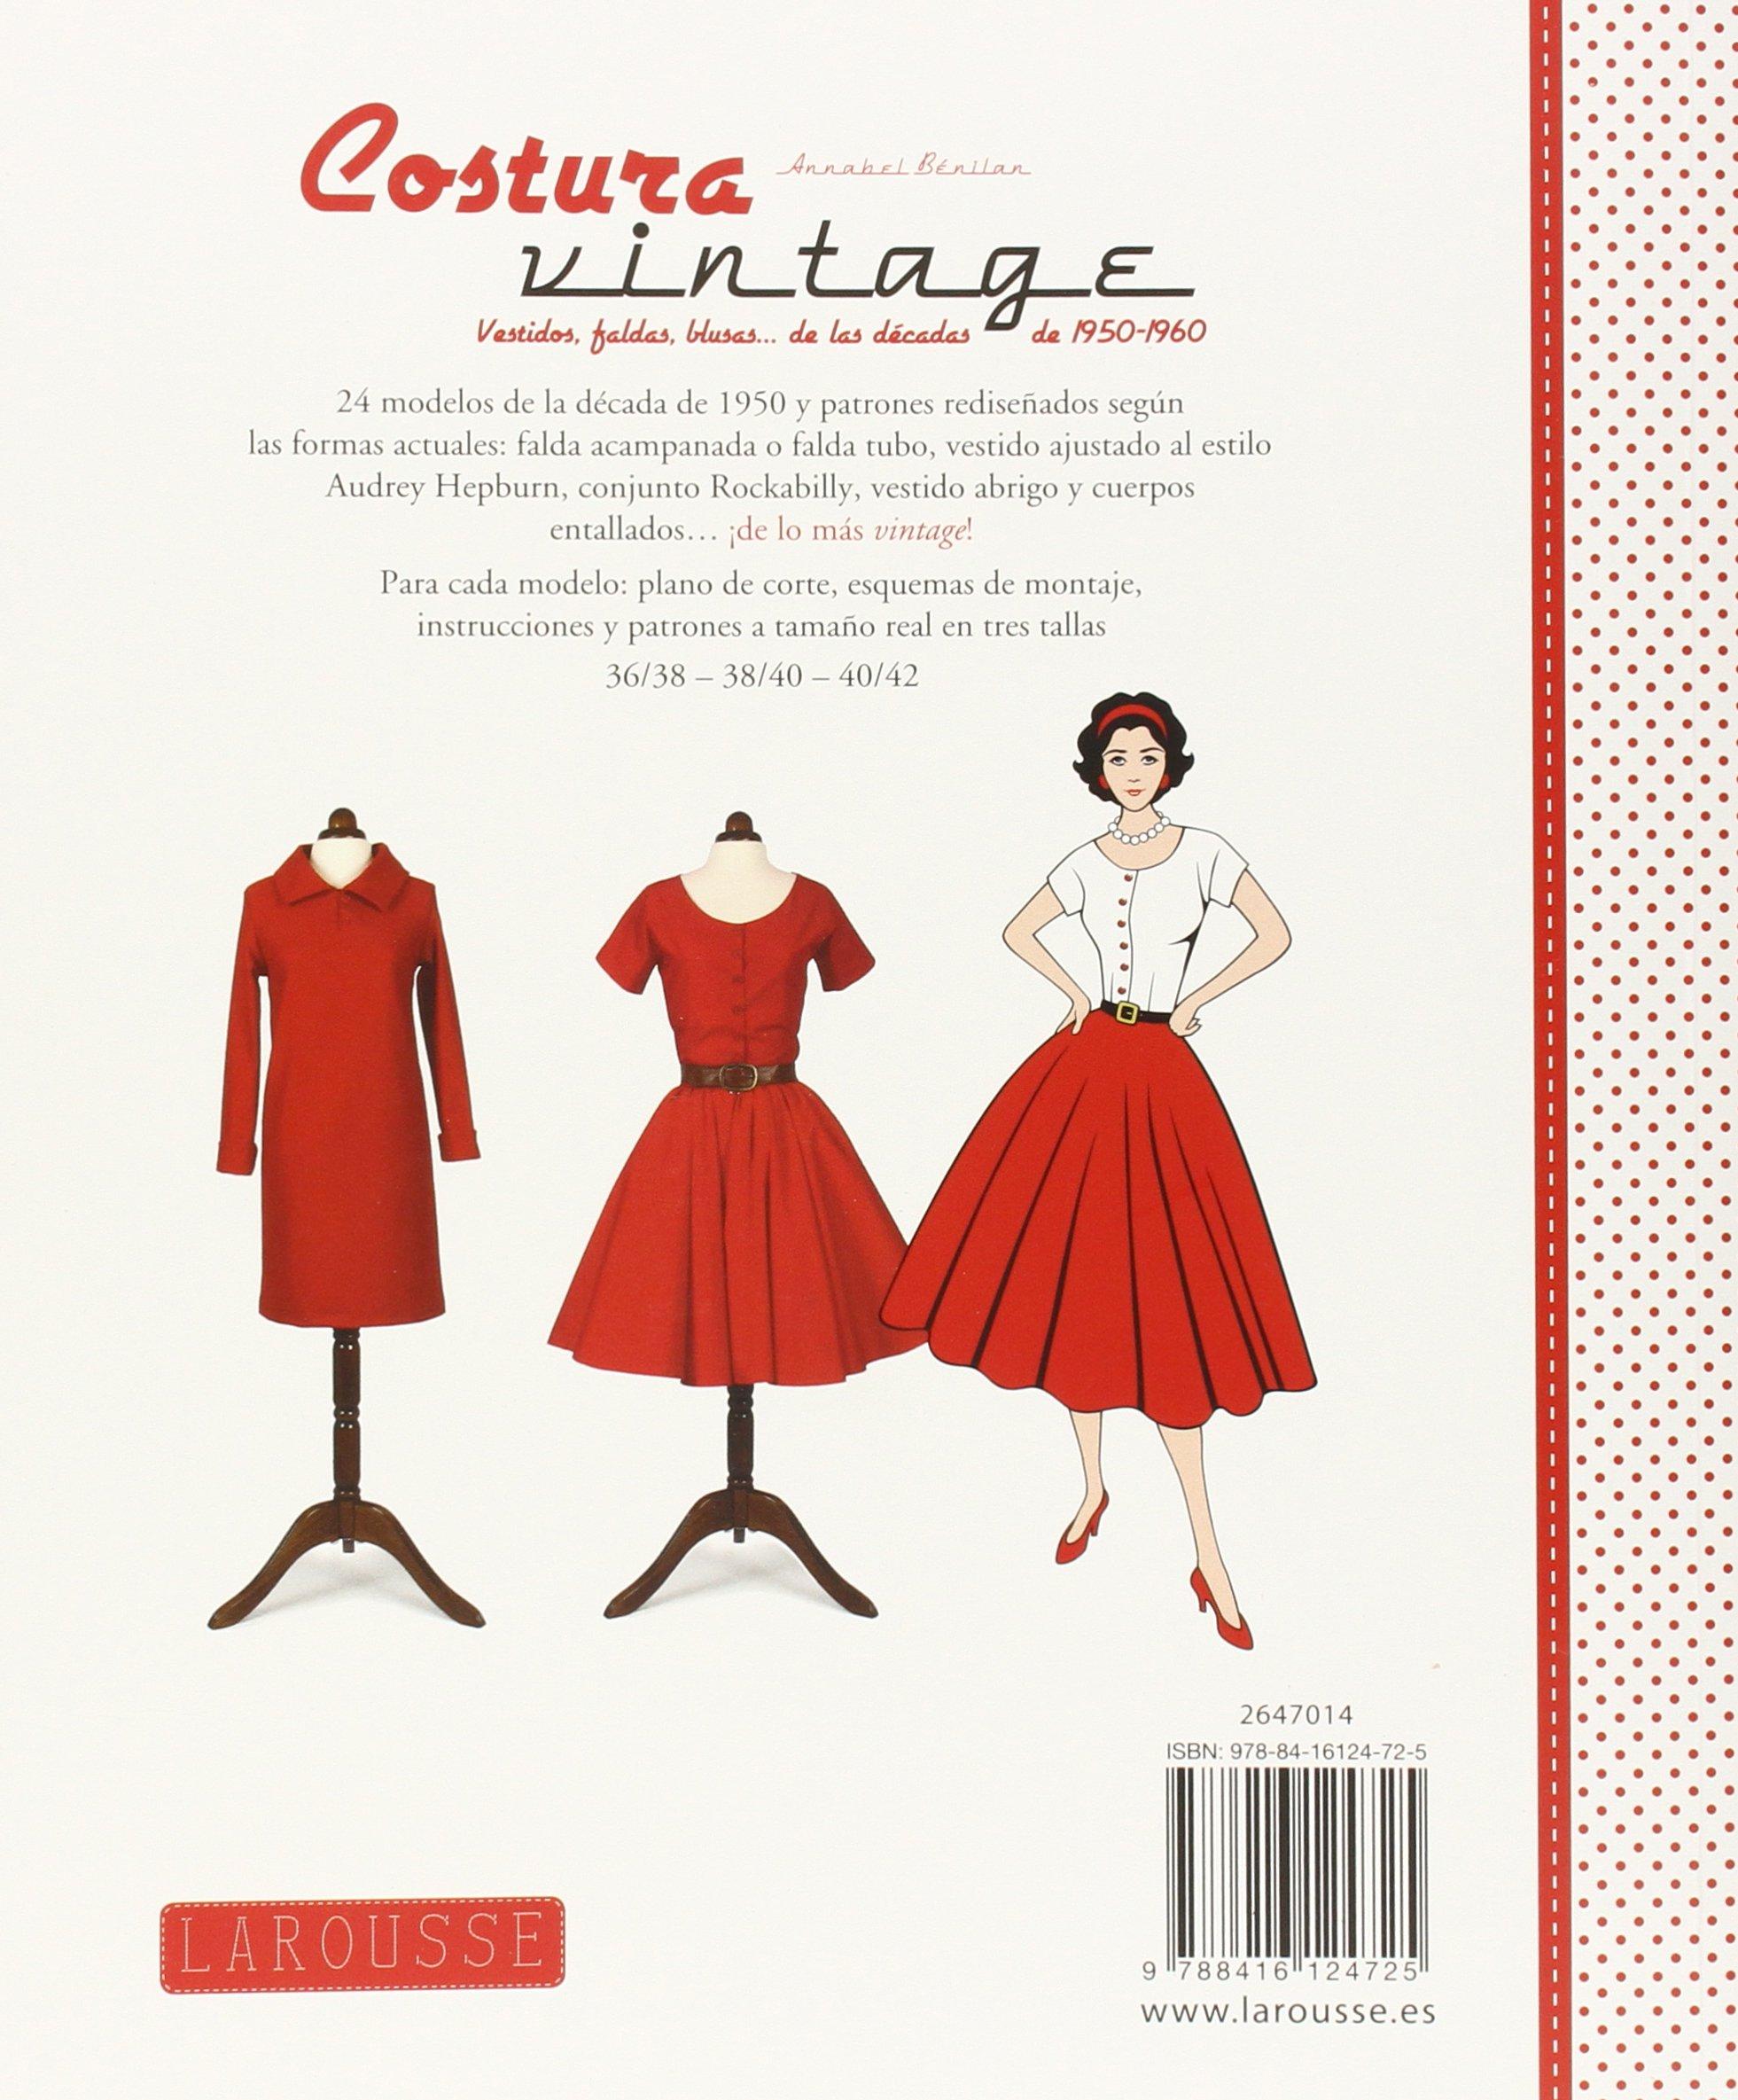 Costura vintage Larousse - Libros Ilustrados/ Prácticos - Ocio Y ...